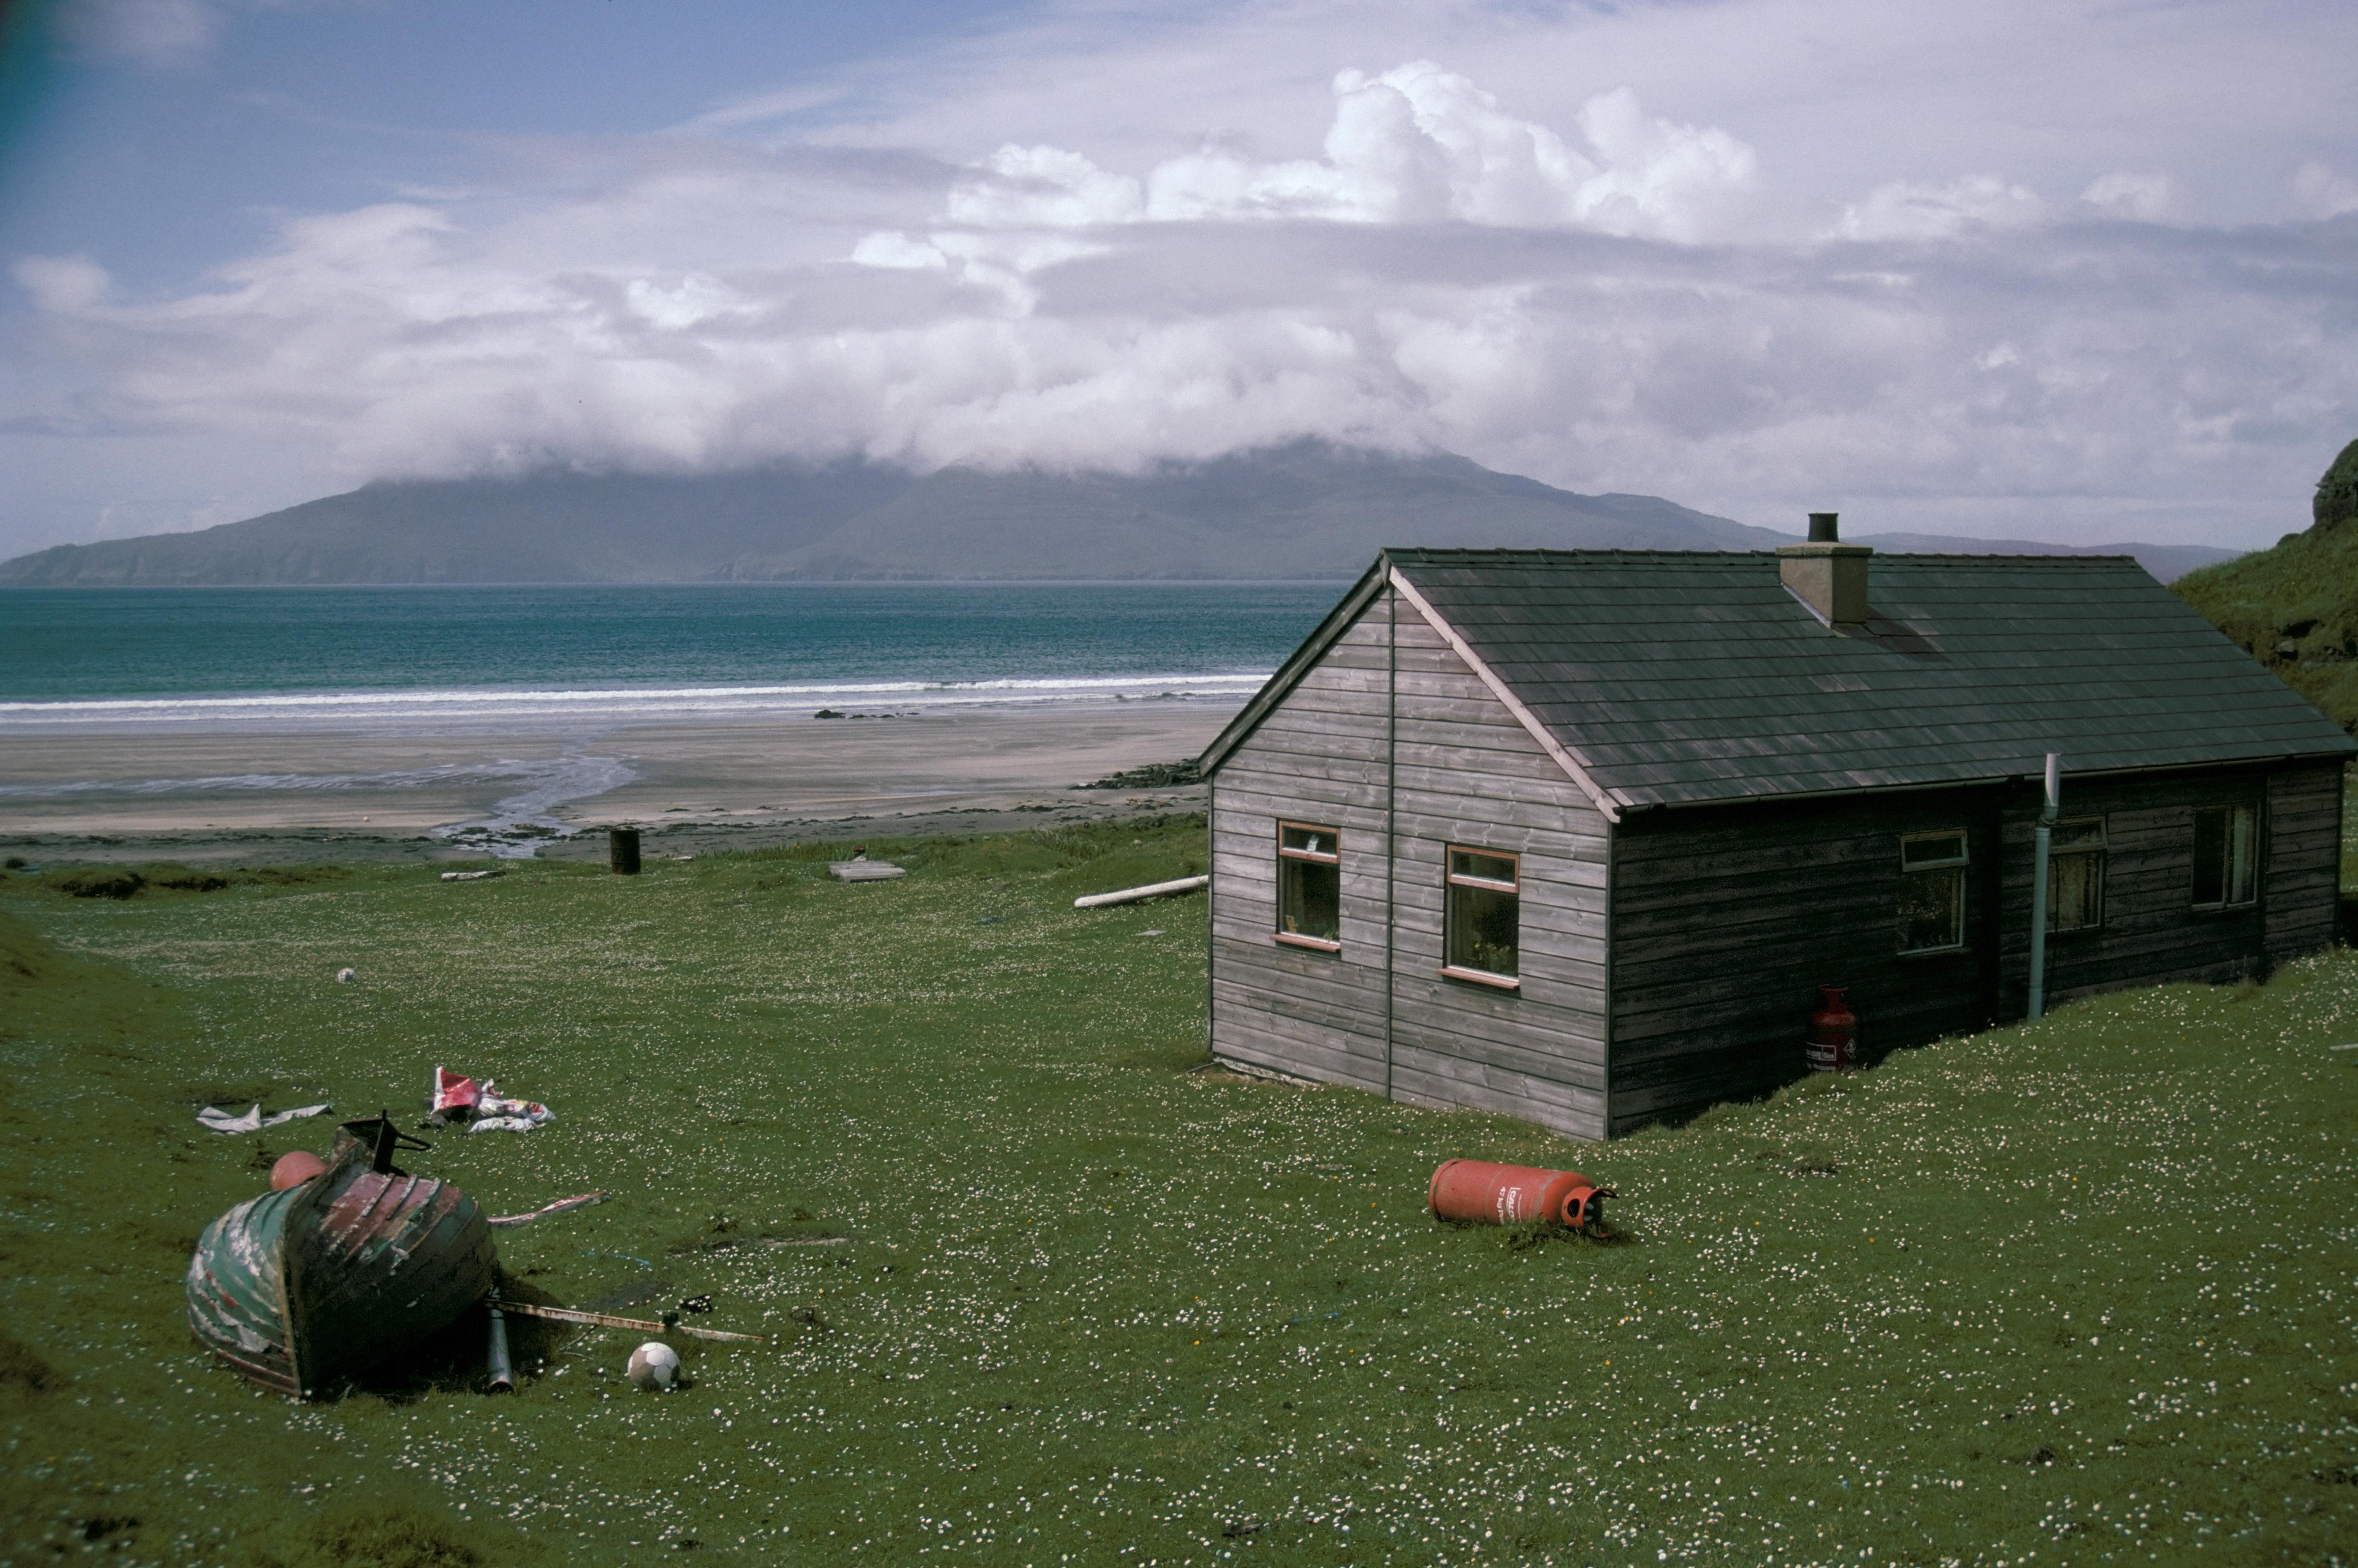 Virágzik a legzöldebb skót sziget, amit 20 éve vettek közösségi tulajdonba a helyiek